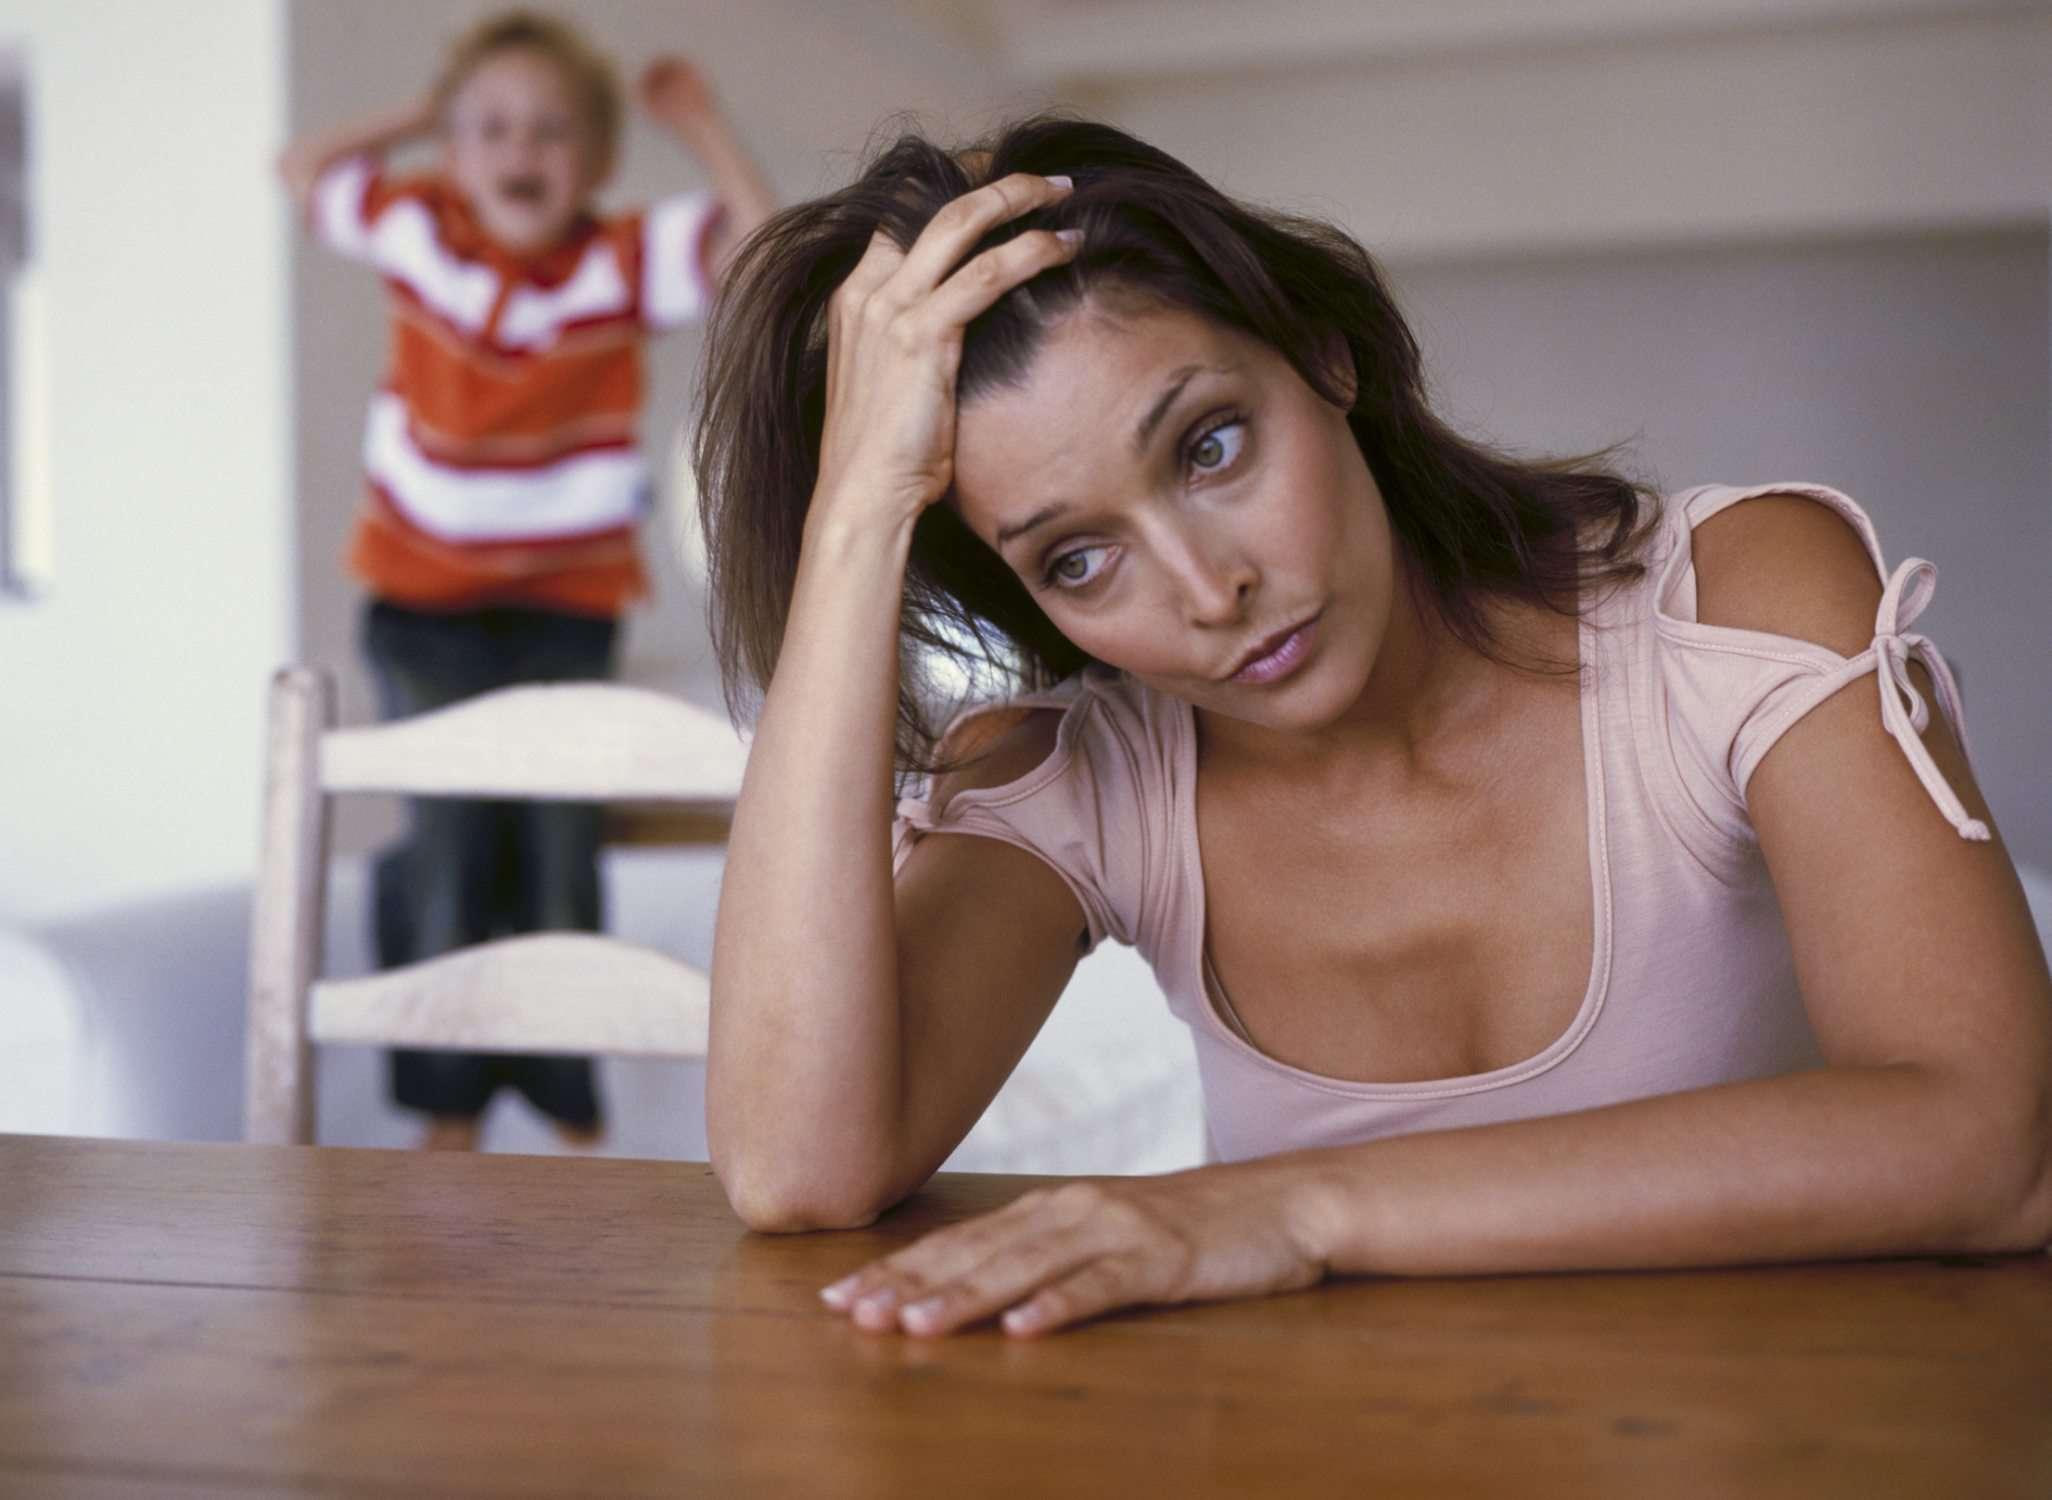 Ein Bild von einer Aufenthalt-at-home Mutter, die fühlt sich an wie Aufhören